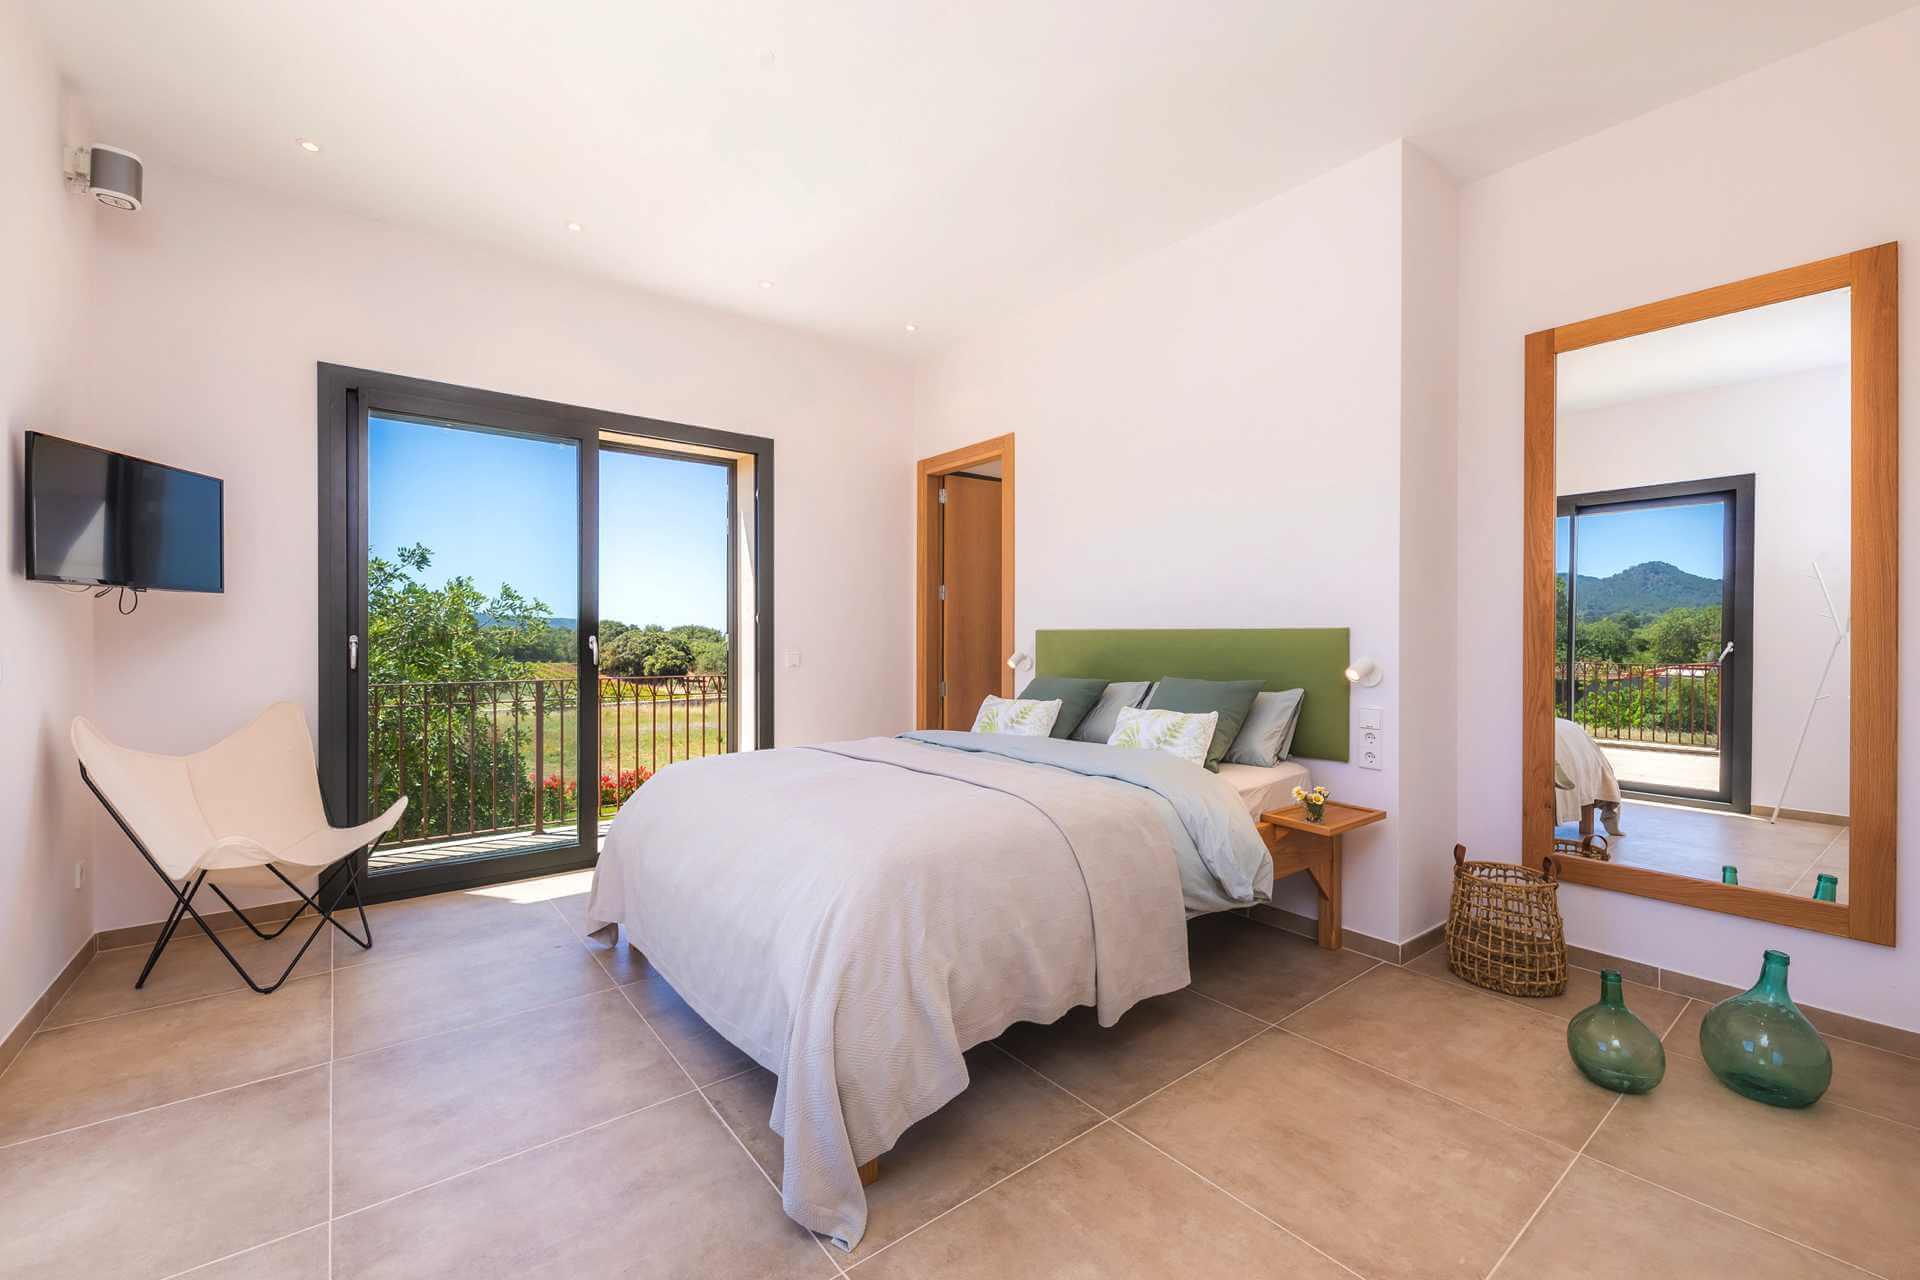 01-340 luxuriöse Finca Mallorca Osten Bild 26